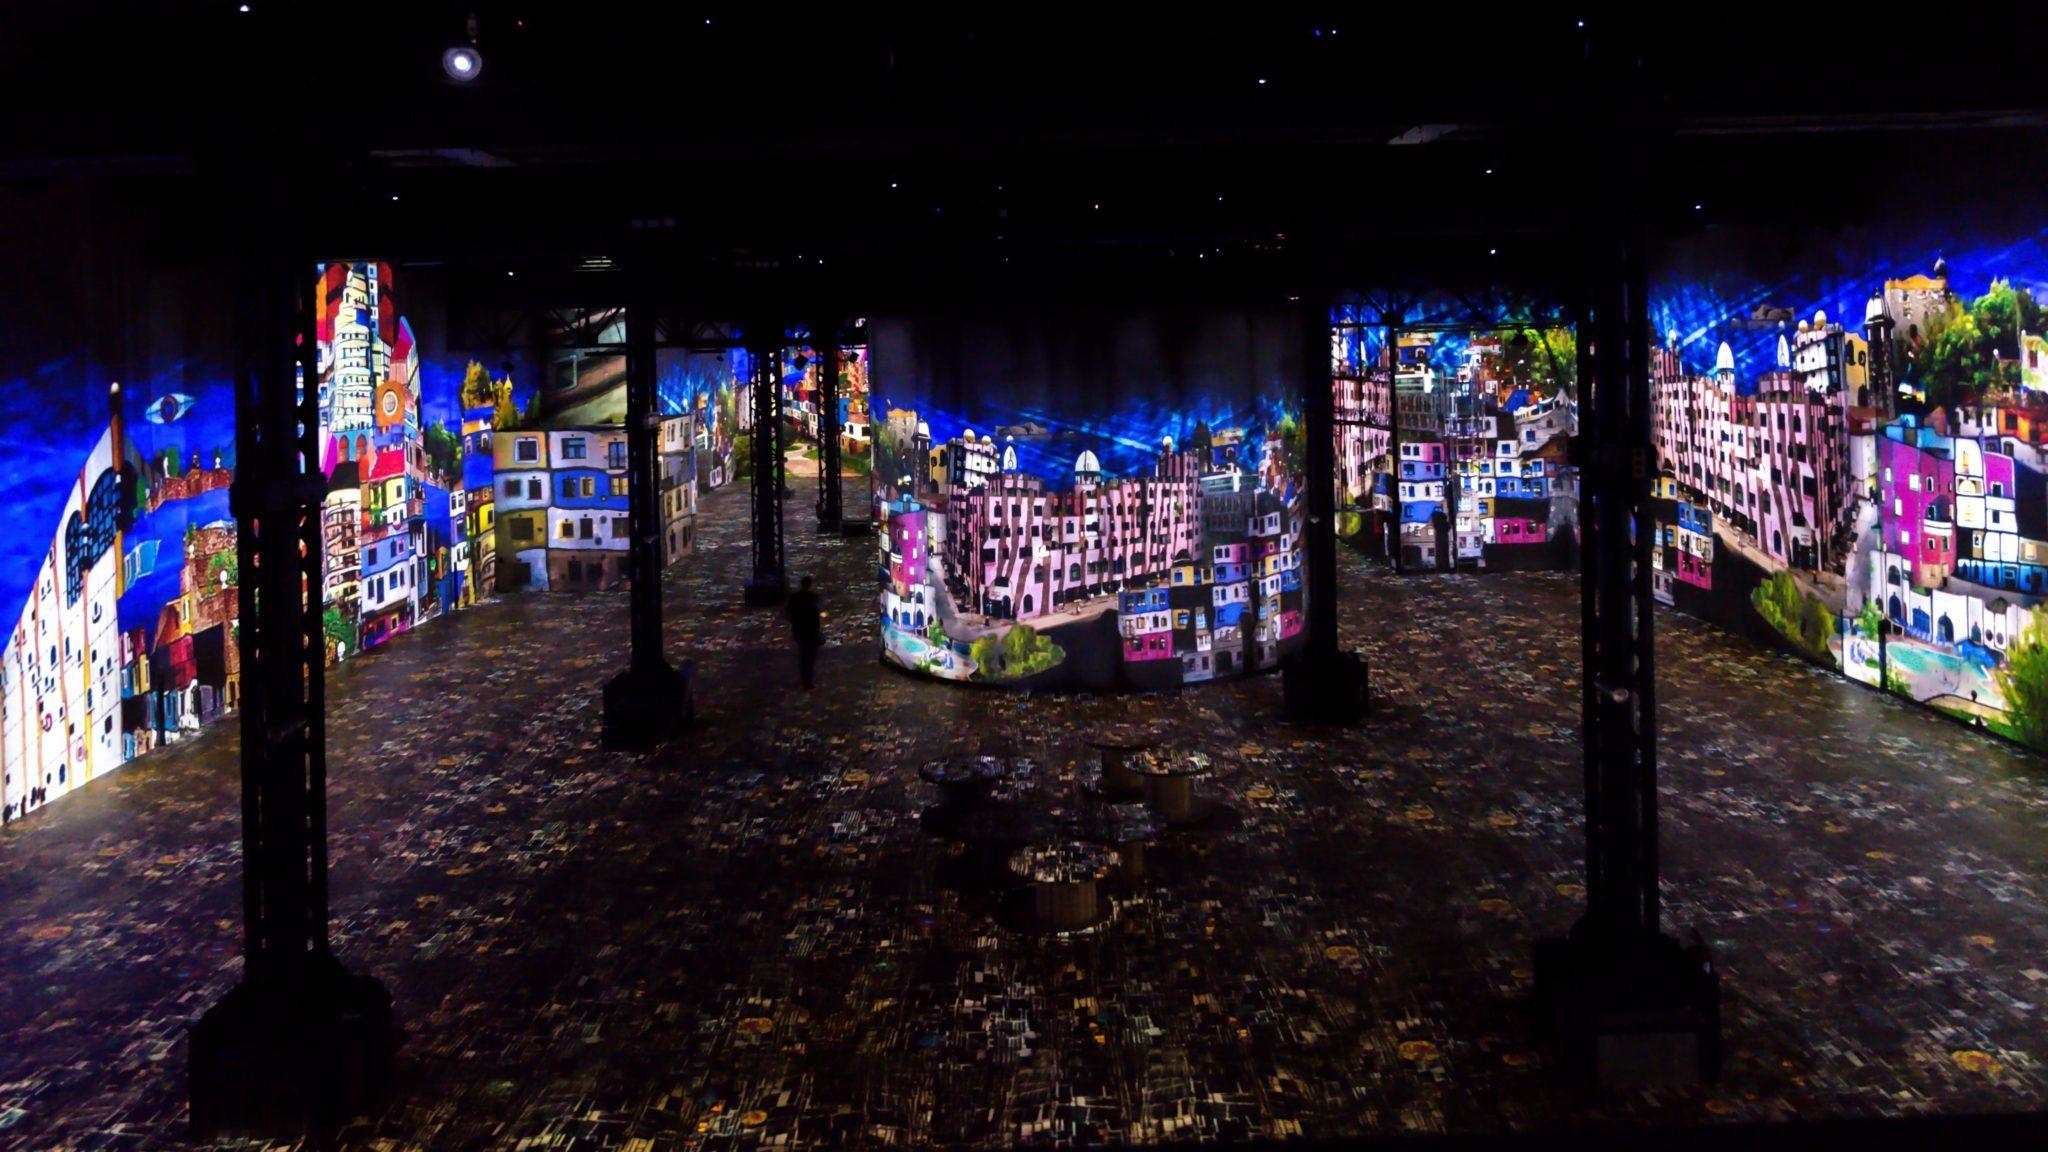 Gustav Klimt, une immersion dans l'art et la musique - Atelier des Lumières photo 2